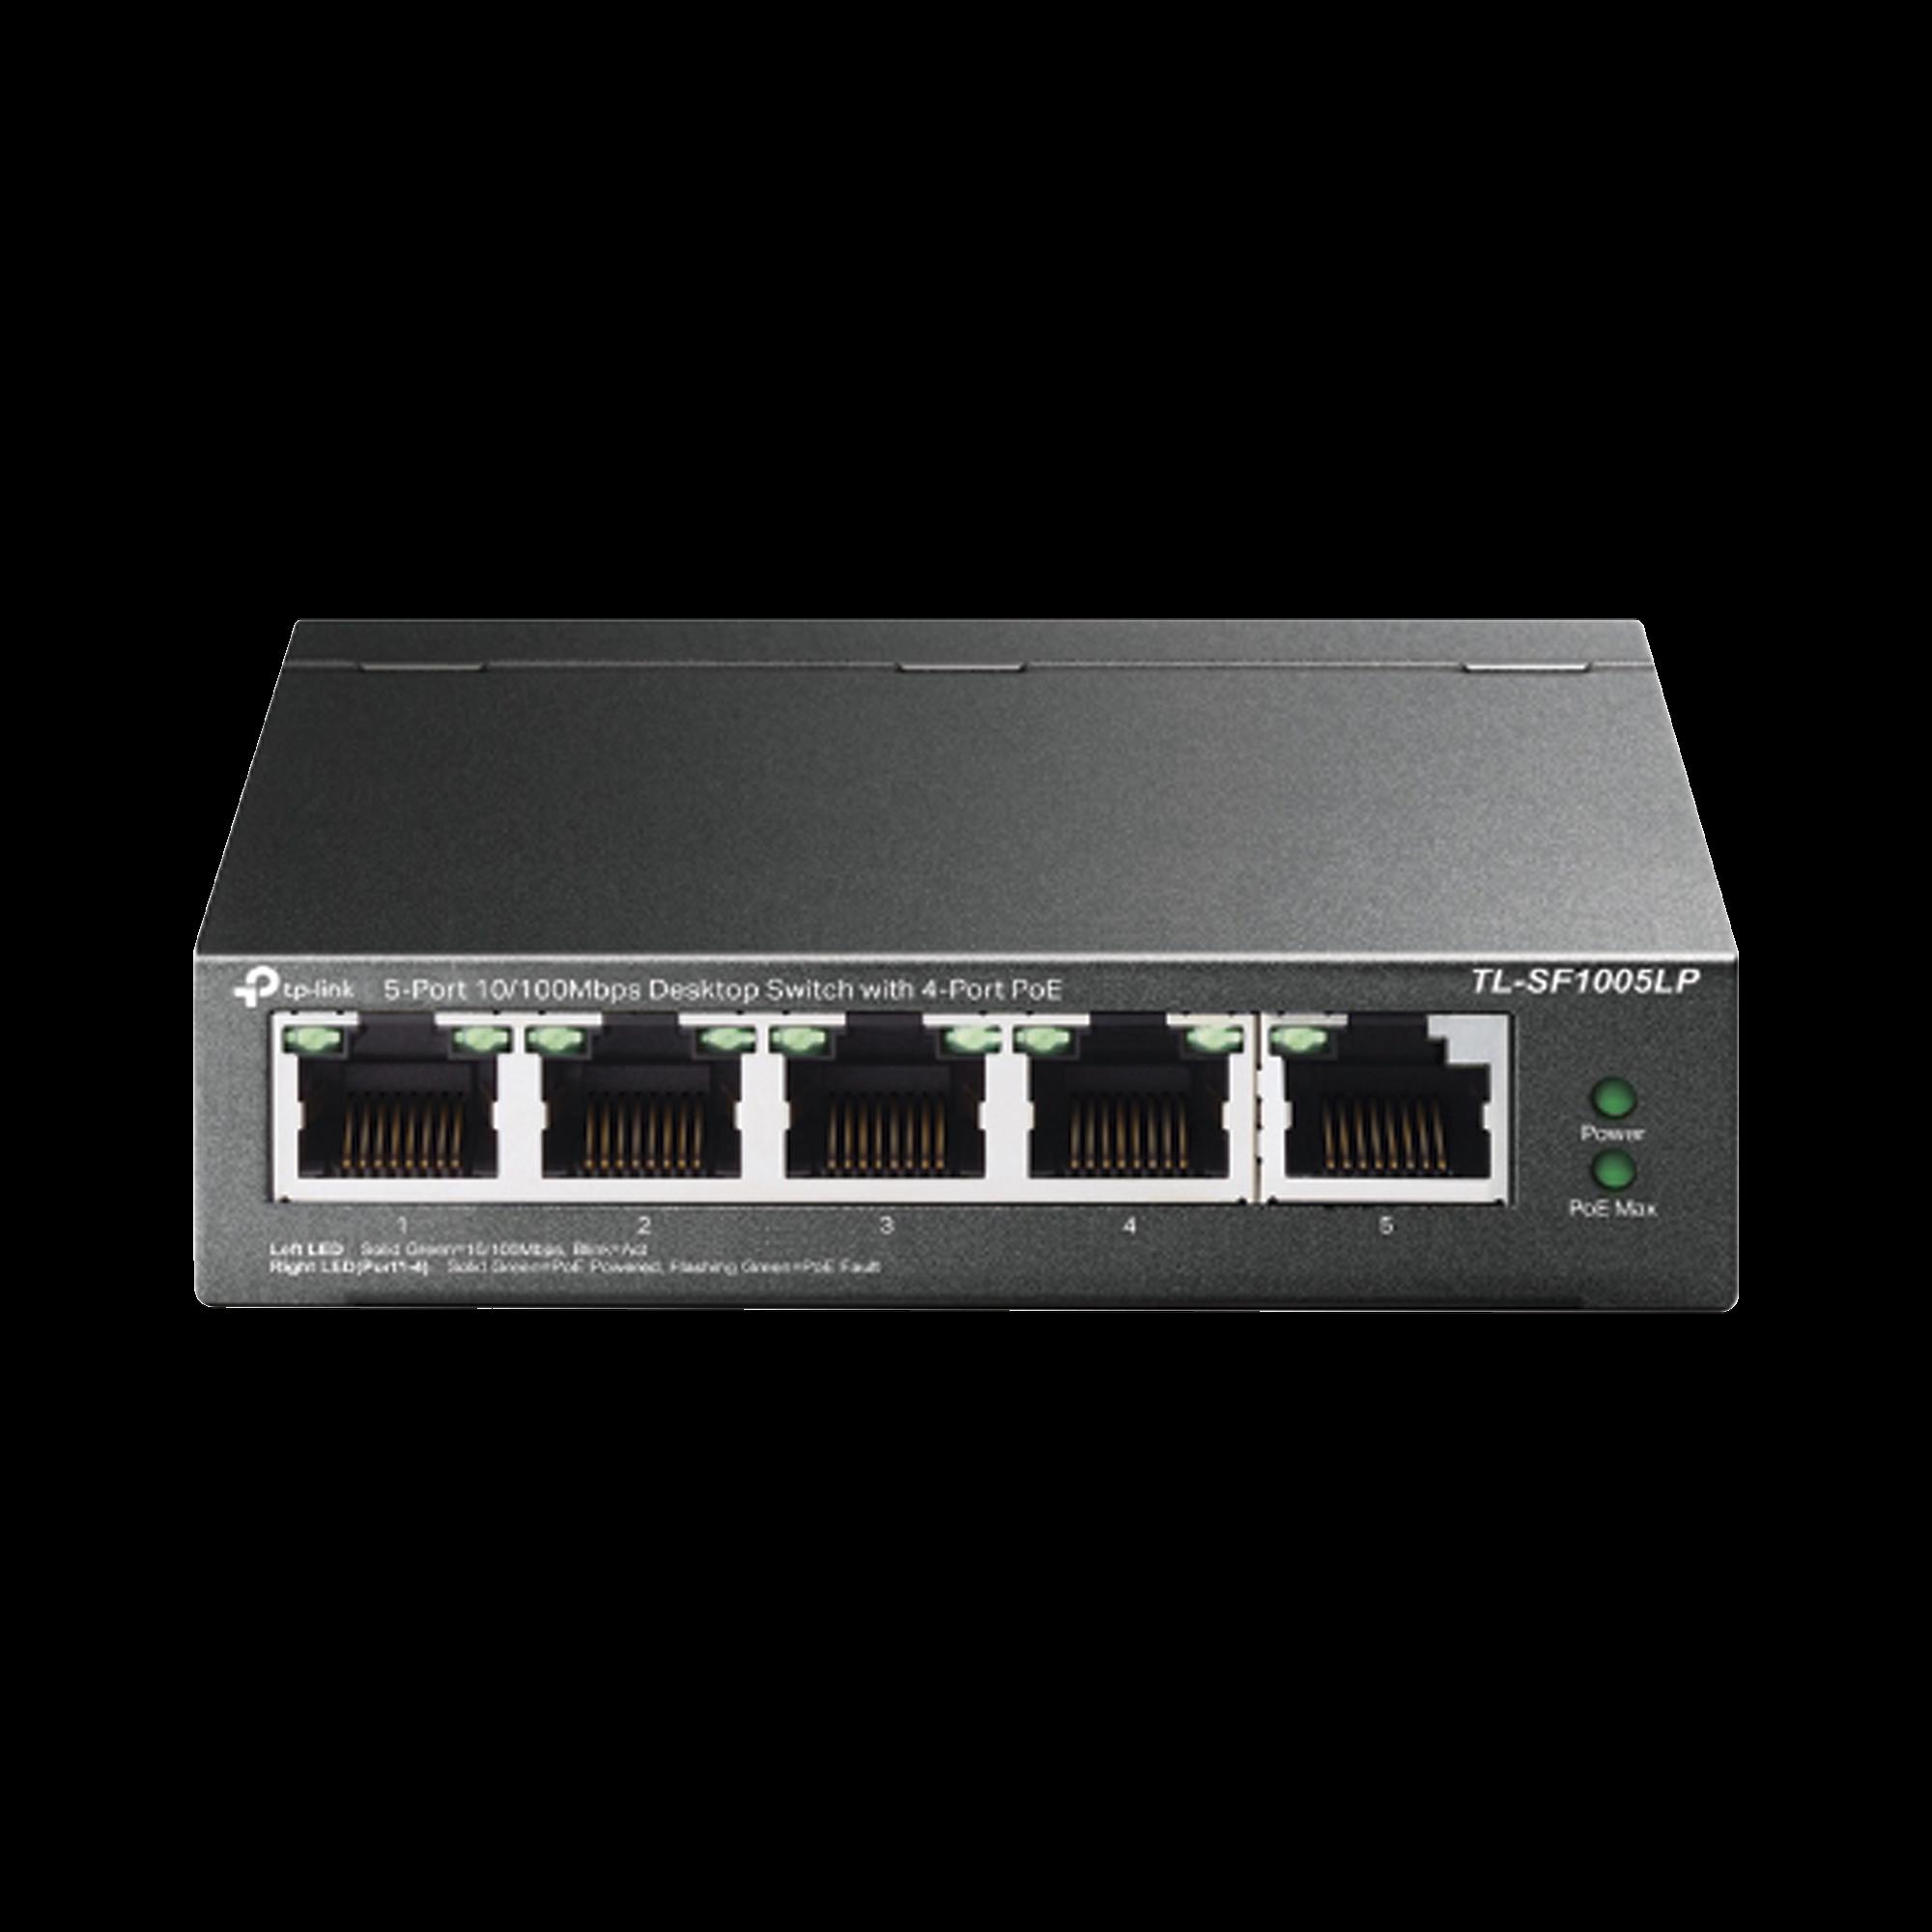 Switch PoE no Administrable de escritorio 5 puertos 10/100 Mbps, 4 puertos PoE, 41 W, modo extensor PoE hasta 250 metros.